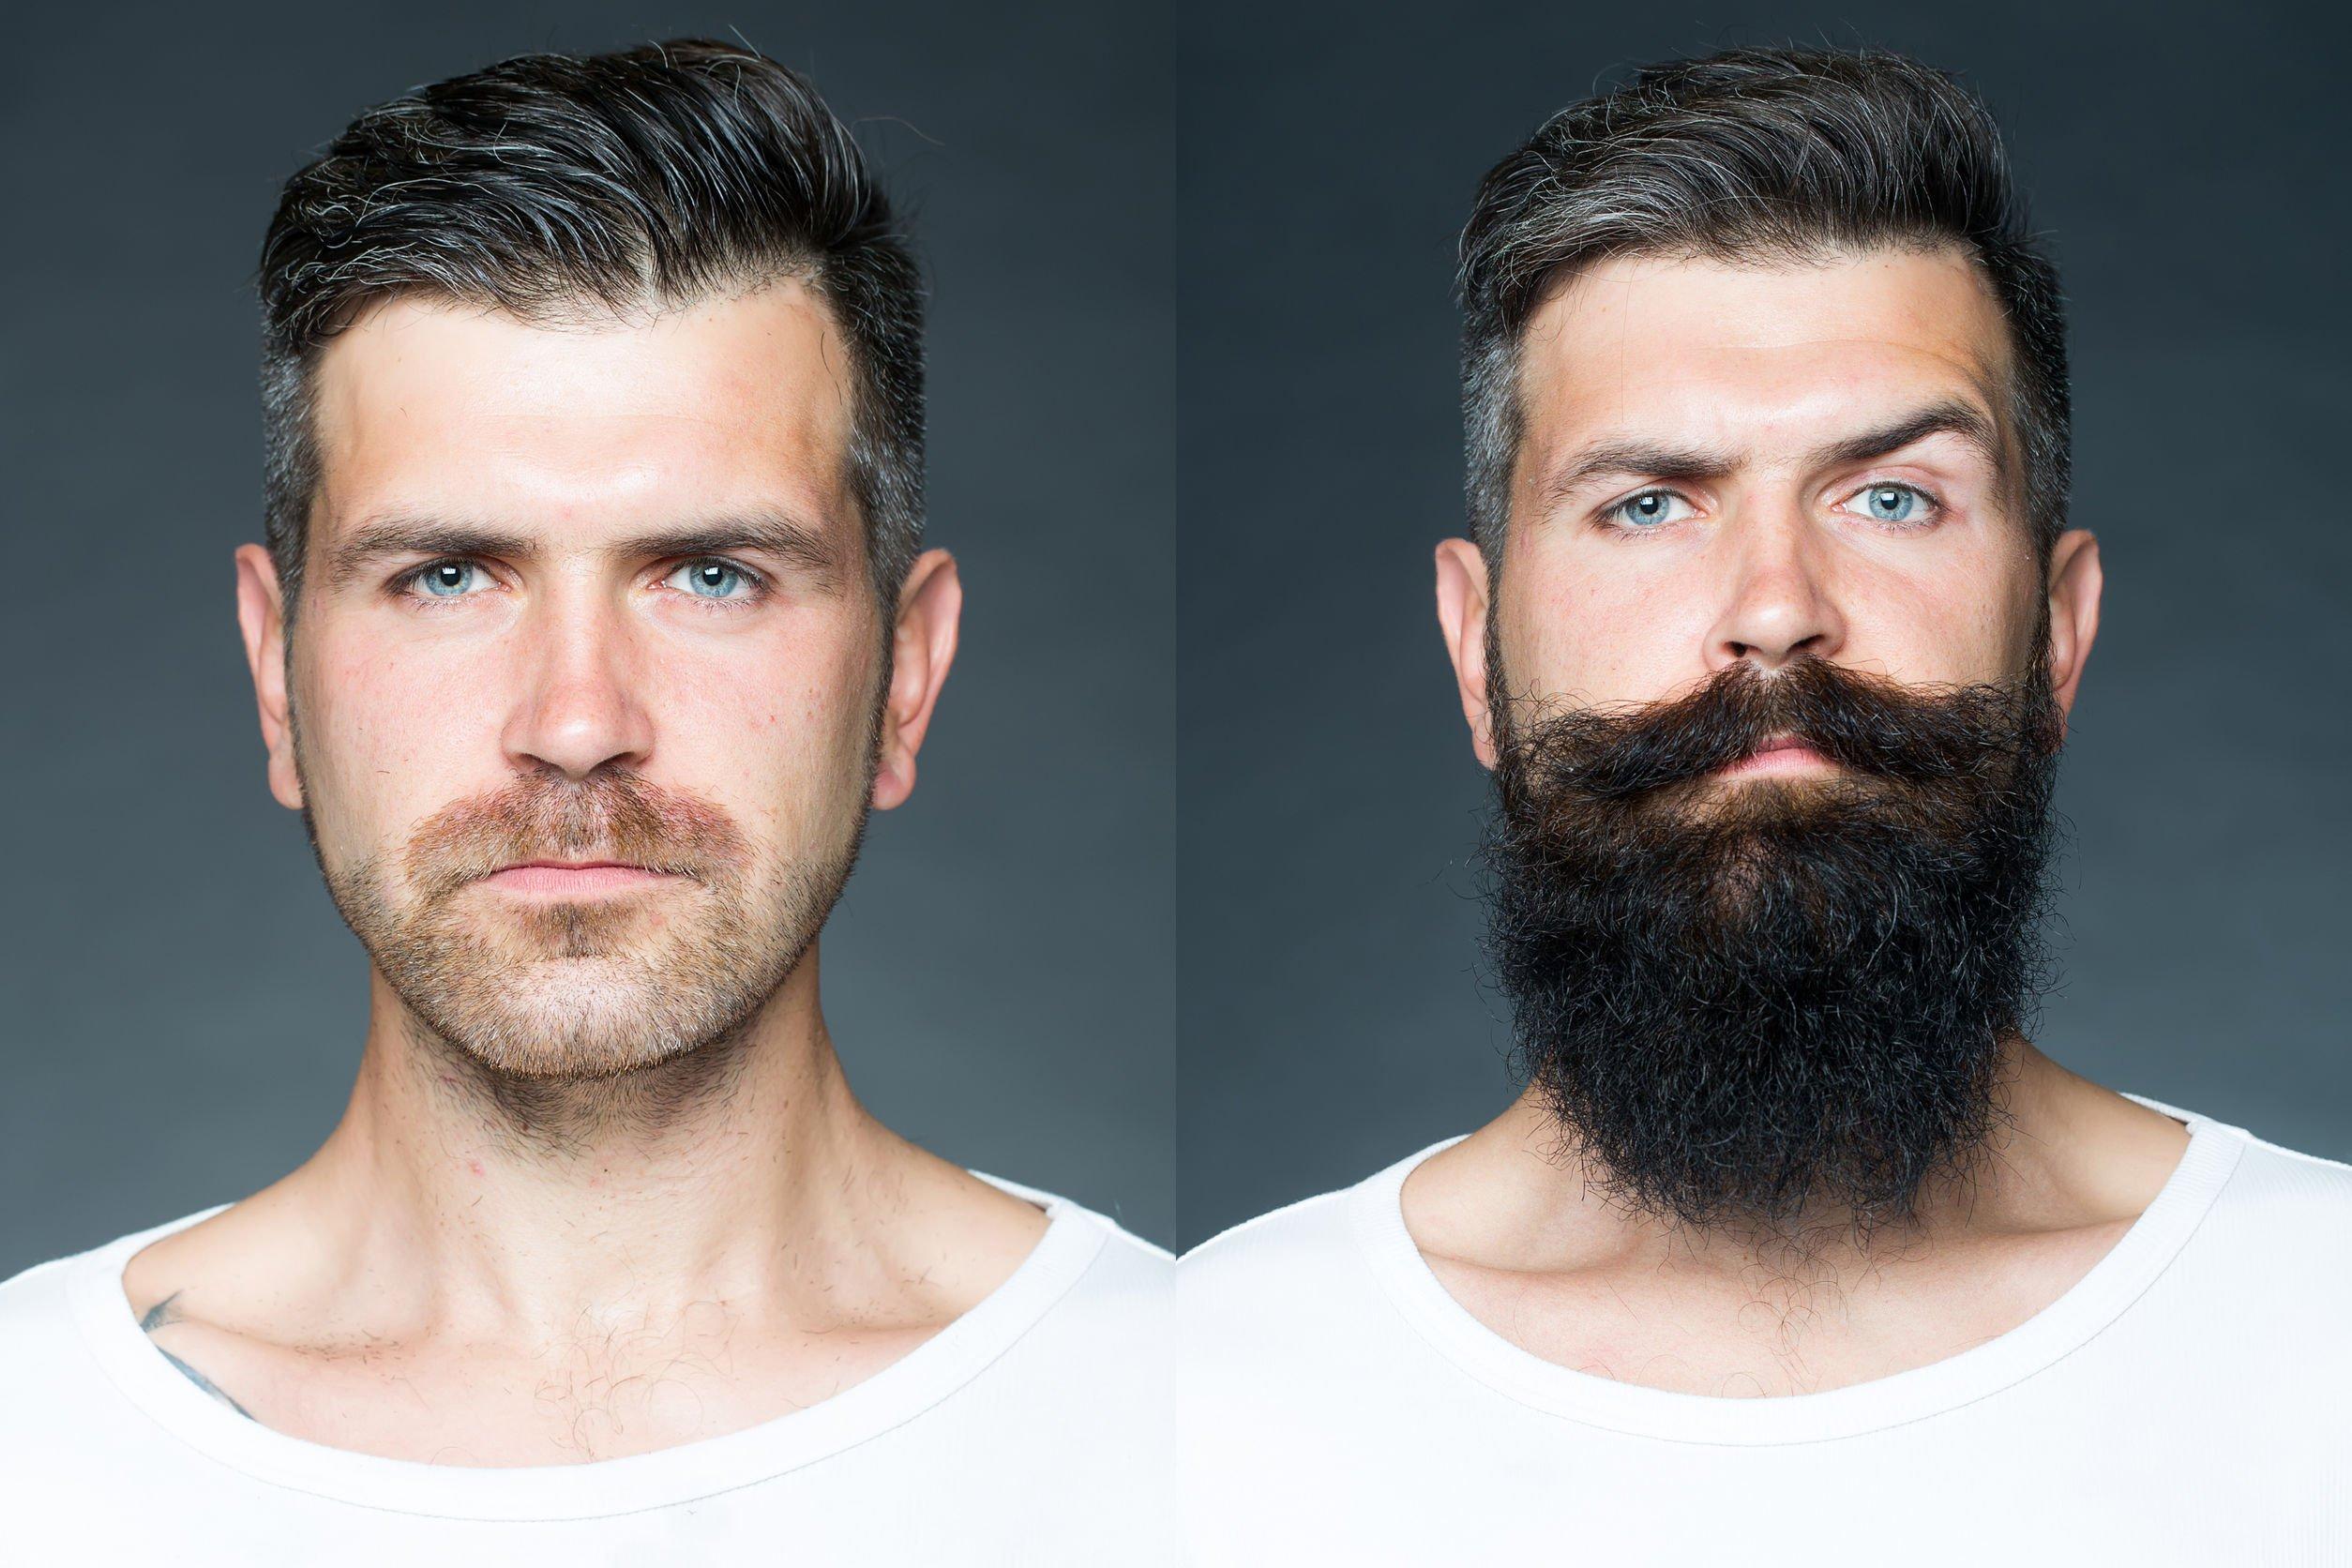 Как быстро отрастить бороду (фото до и после)